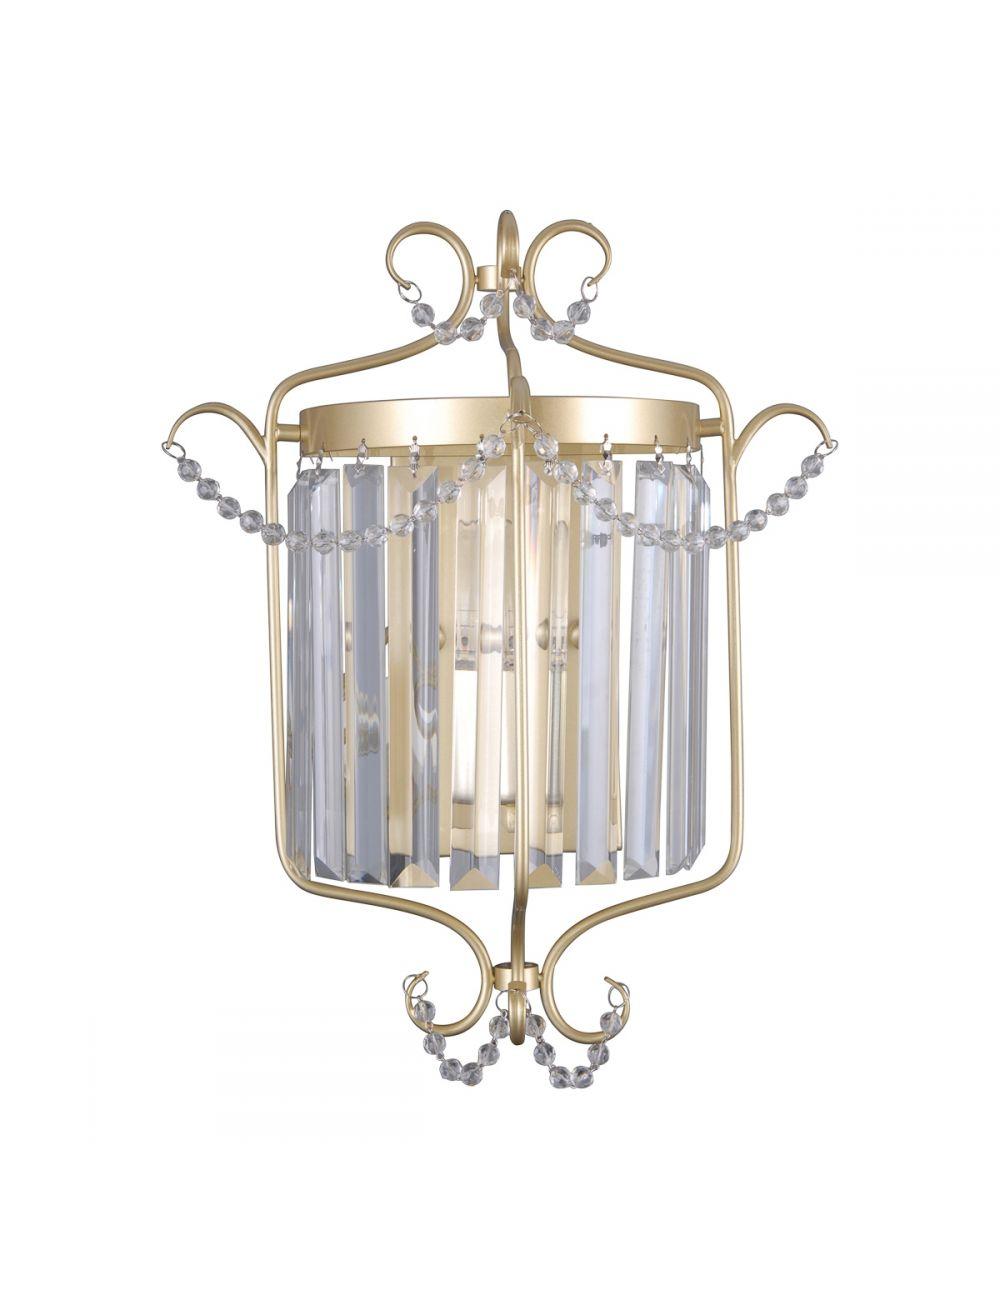 Kinkiet ścienny kryształowy glamour Rinaldo Italux WL-33057-1-CH.G